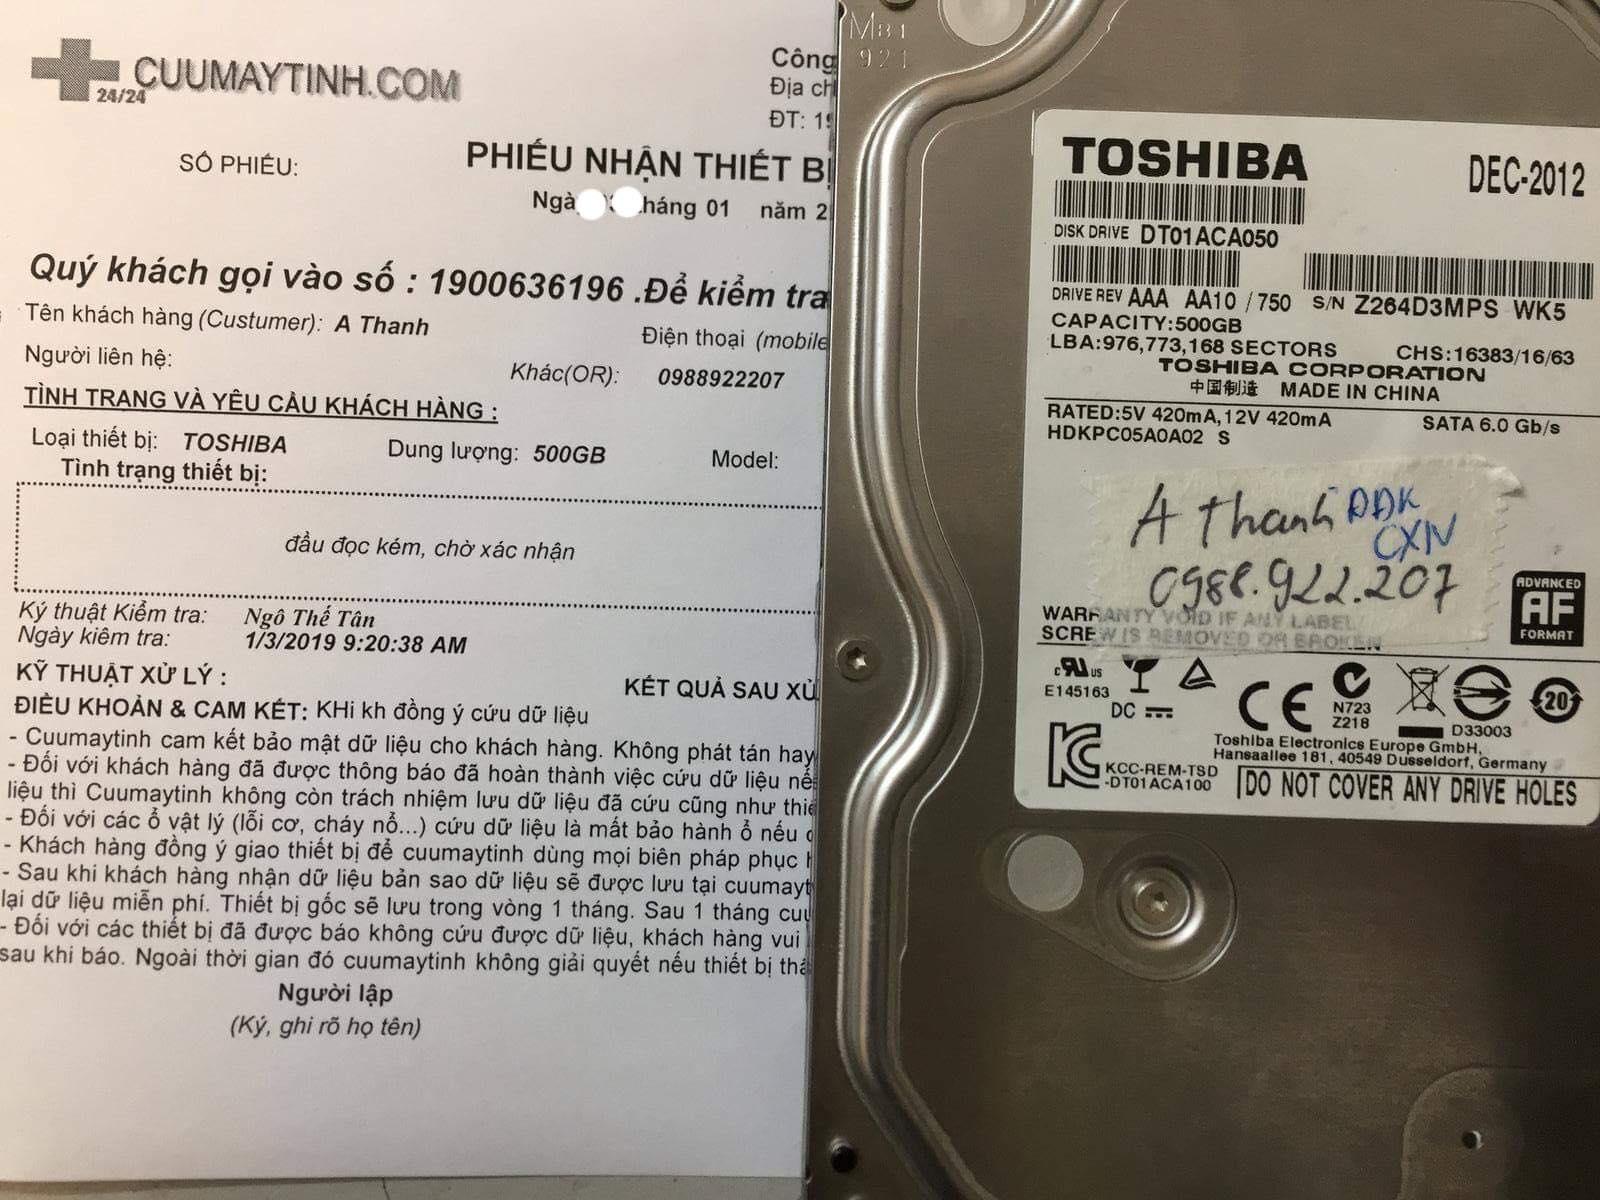 Lấy lại dữ liệu ổ cứng Toshiba 500GB không nhận 04/01/2019 - cuumaytinh